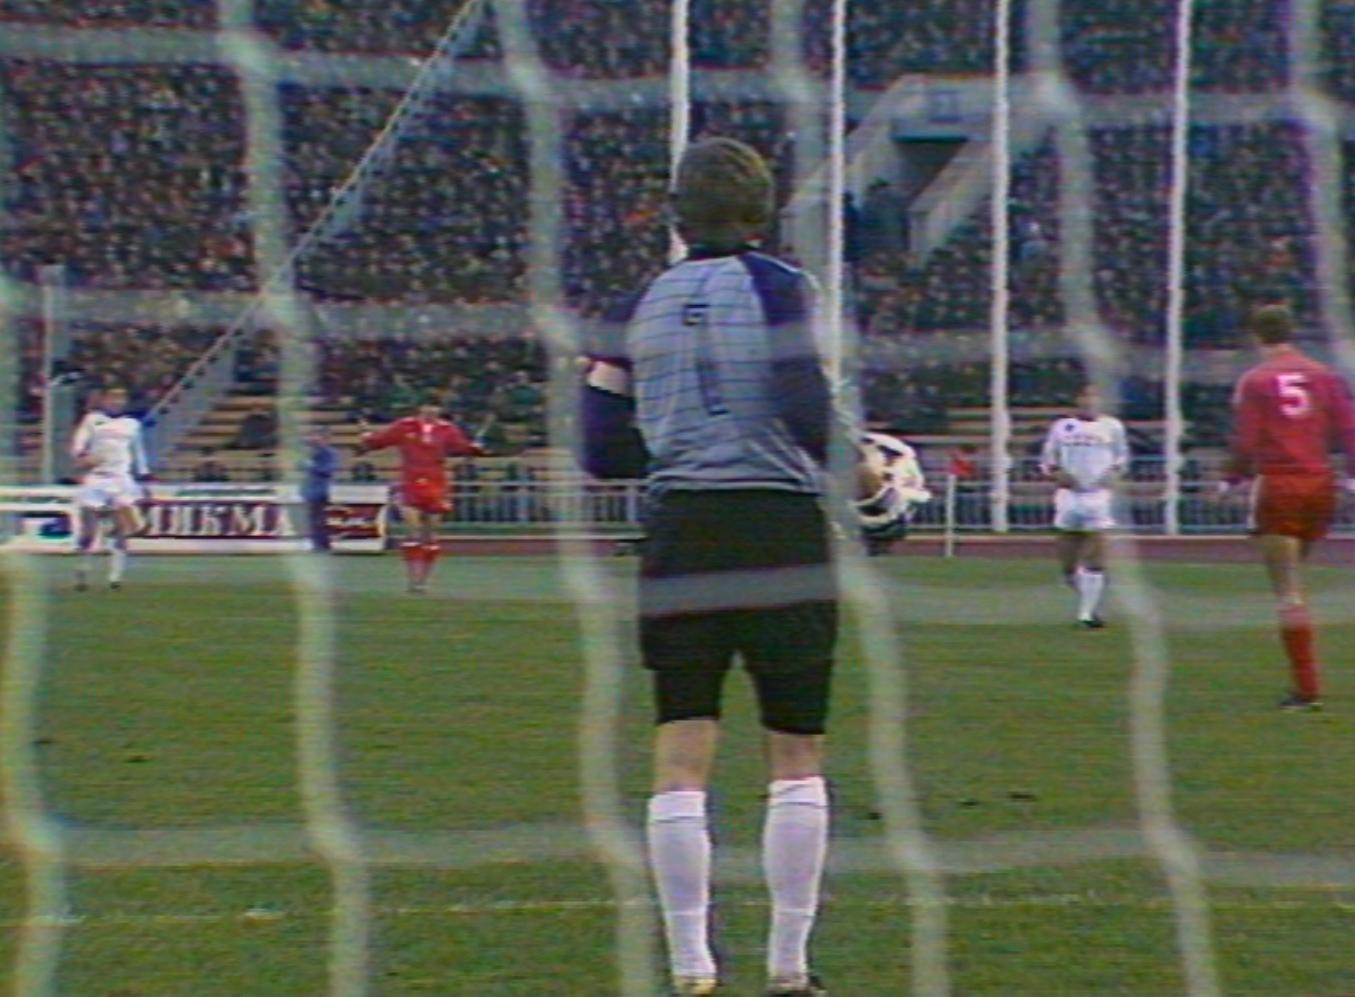 Dla Józefa Młynarczyka mecz z ZSRR był 22. w reprezentacyjnej karierze. Z piłkarzami Sbornej rywalizował po raz trzeci i dopiero w Moskwie skapitulował po strzale jednego z nich (w zremisowanym 1:1 meczu w Chorzowie pokonał go kolega z drużyny Roman Wójcicki).